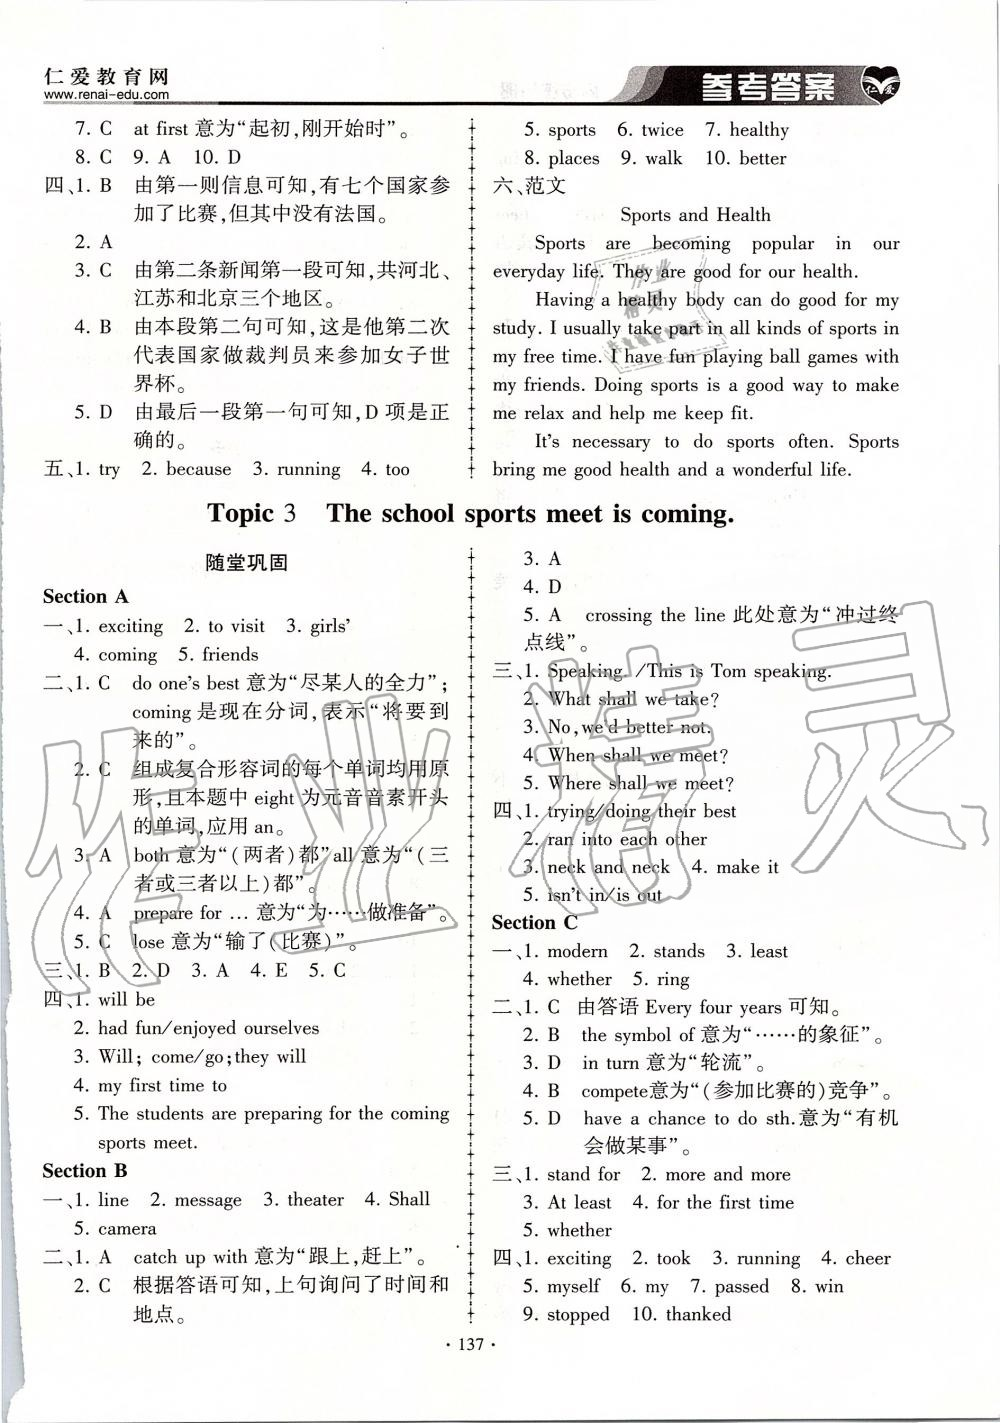 2019年仁爱英语同步练习册八年级上册仁爱版第5页